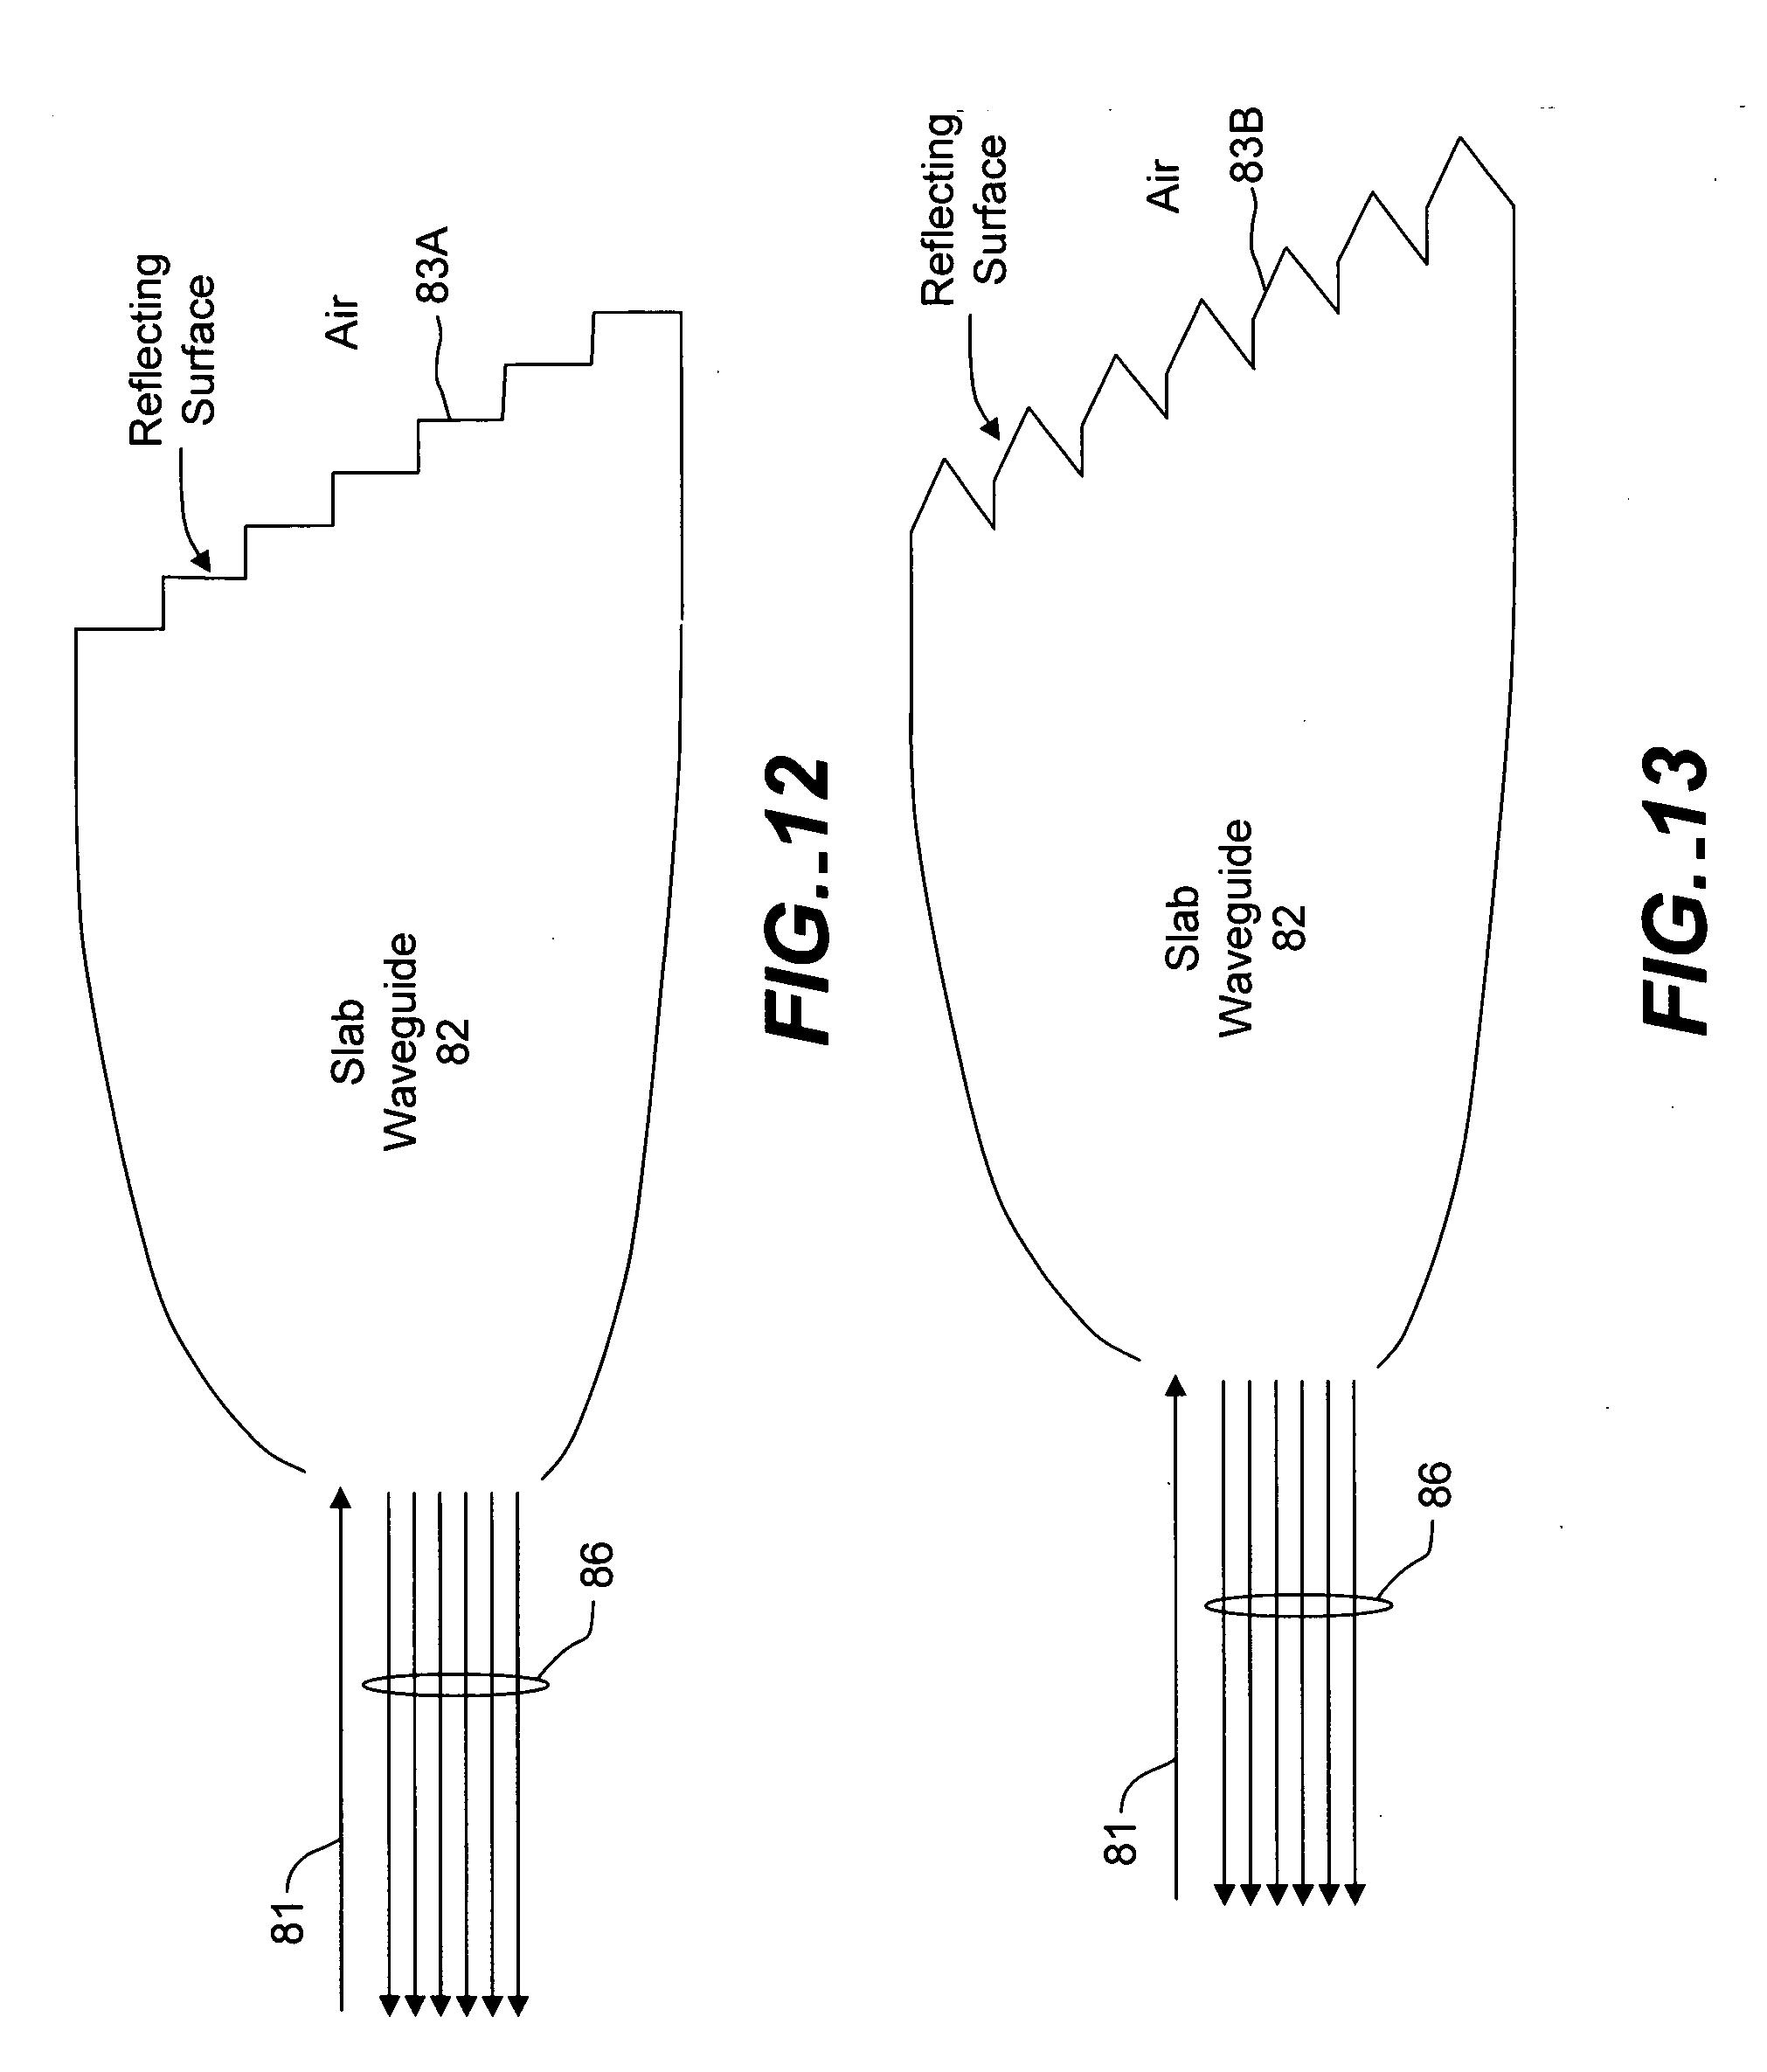 patent us20040213582